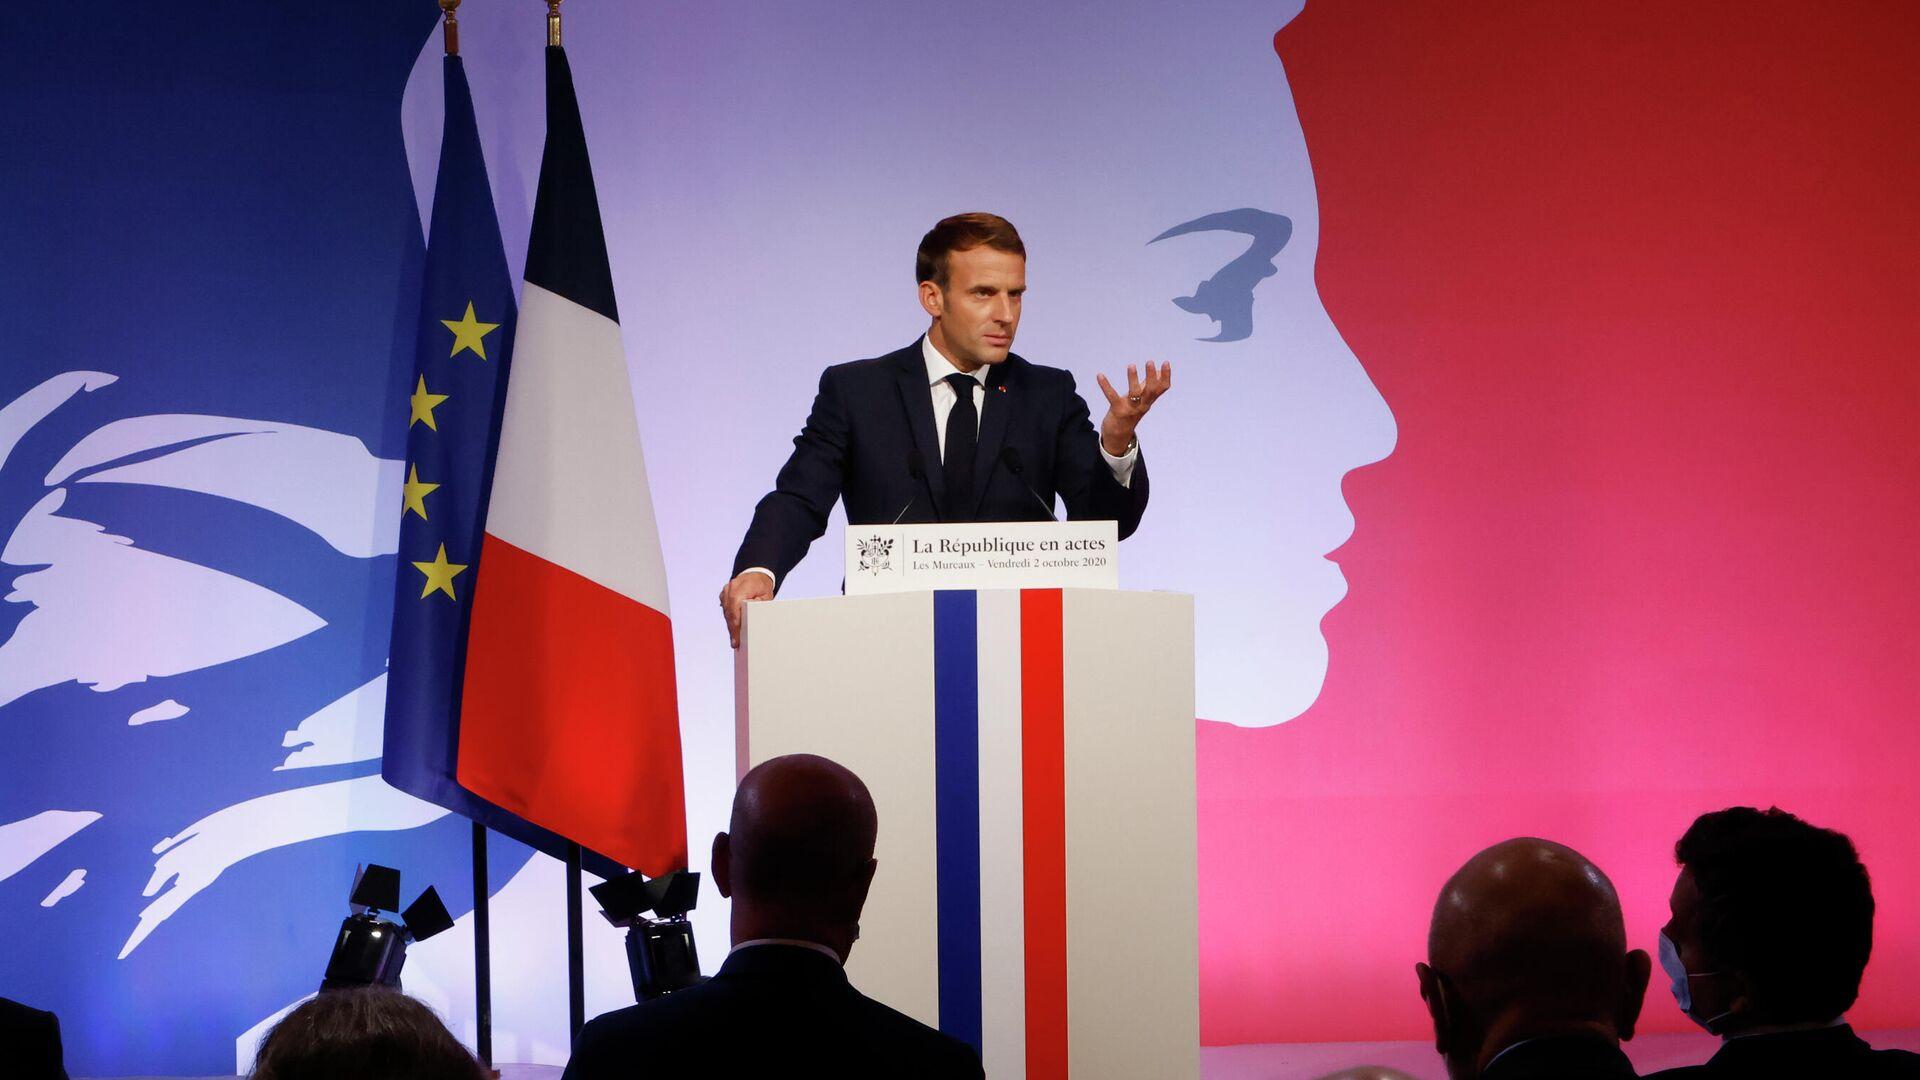 Президент Франции Эммануэль Макрон произносит речь о борьбе с религиозным сепаратизмом в Ле-Мюро, Франция - РИА Новости, 1920, 01.06.2021